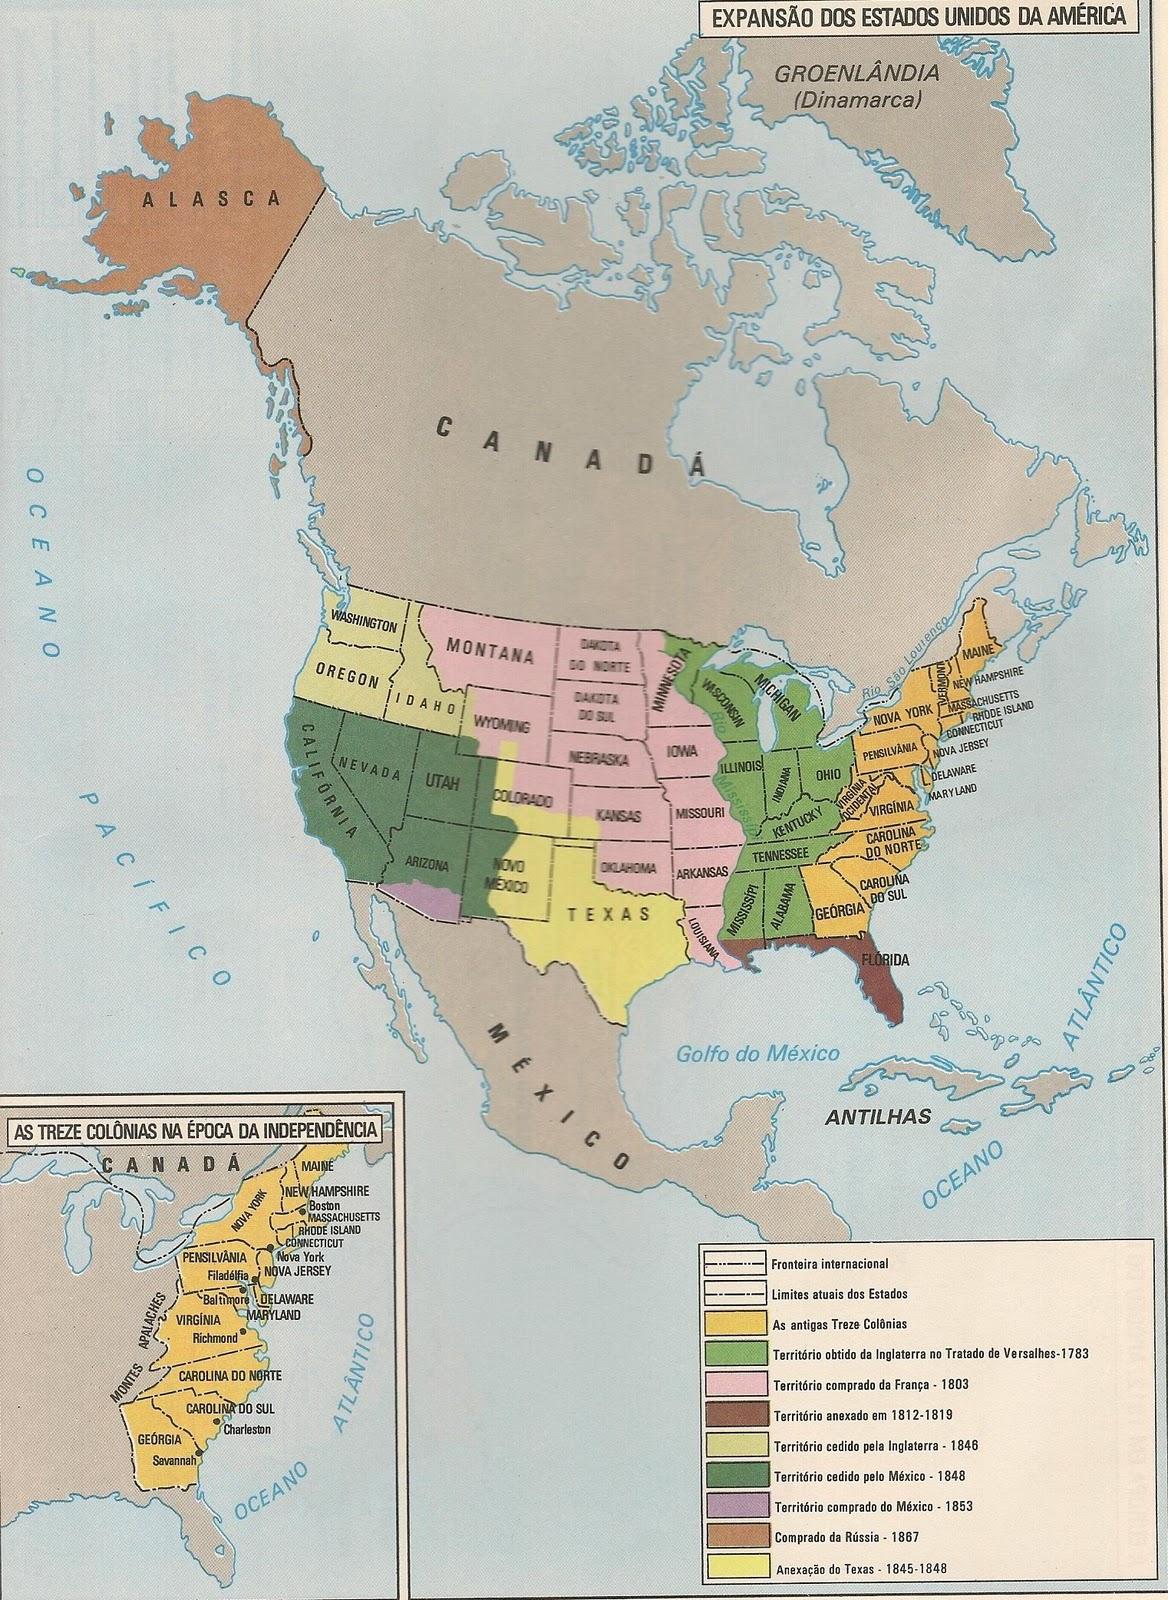 Aparador Tagalog ~ MMN e Proped u00eautica Os Estados Unidos no século